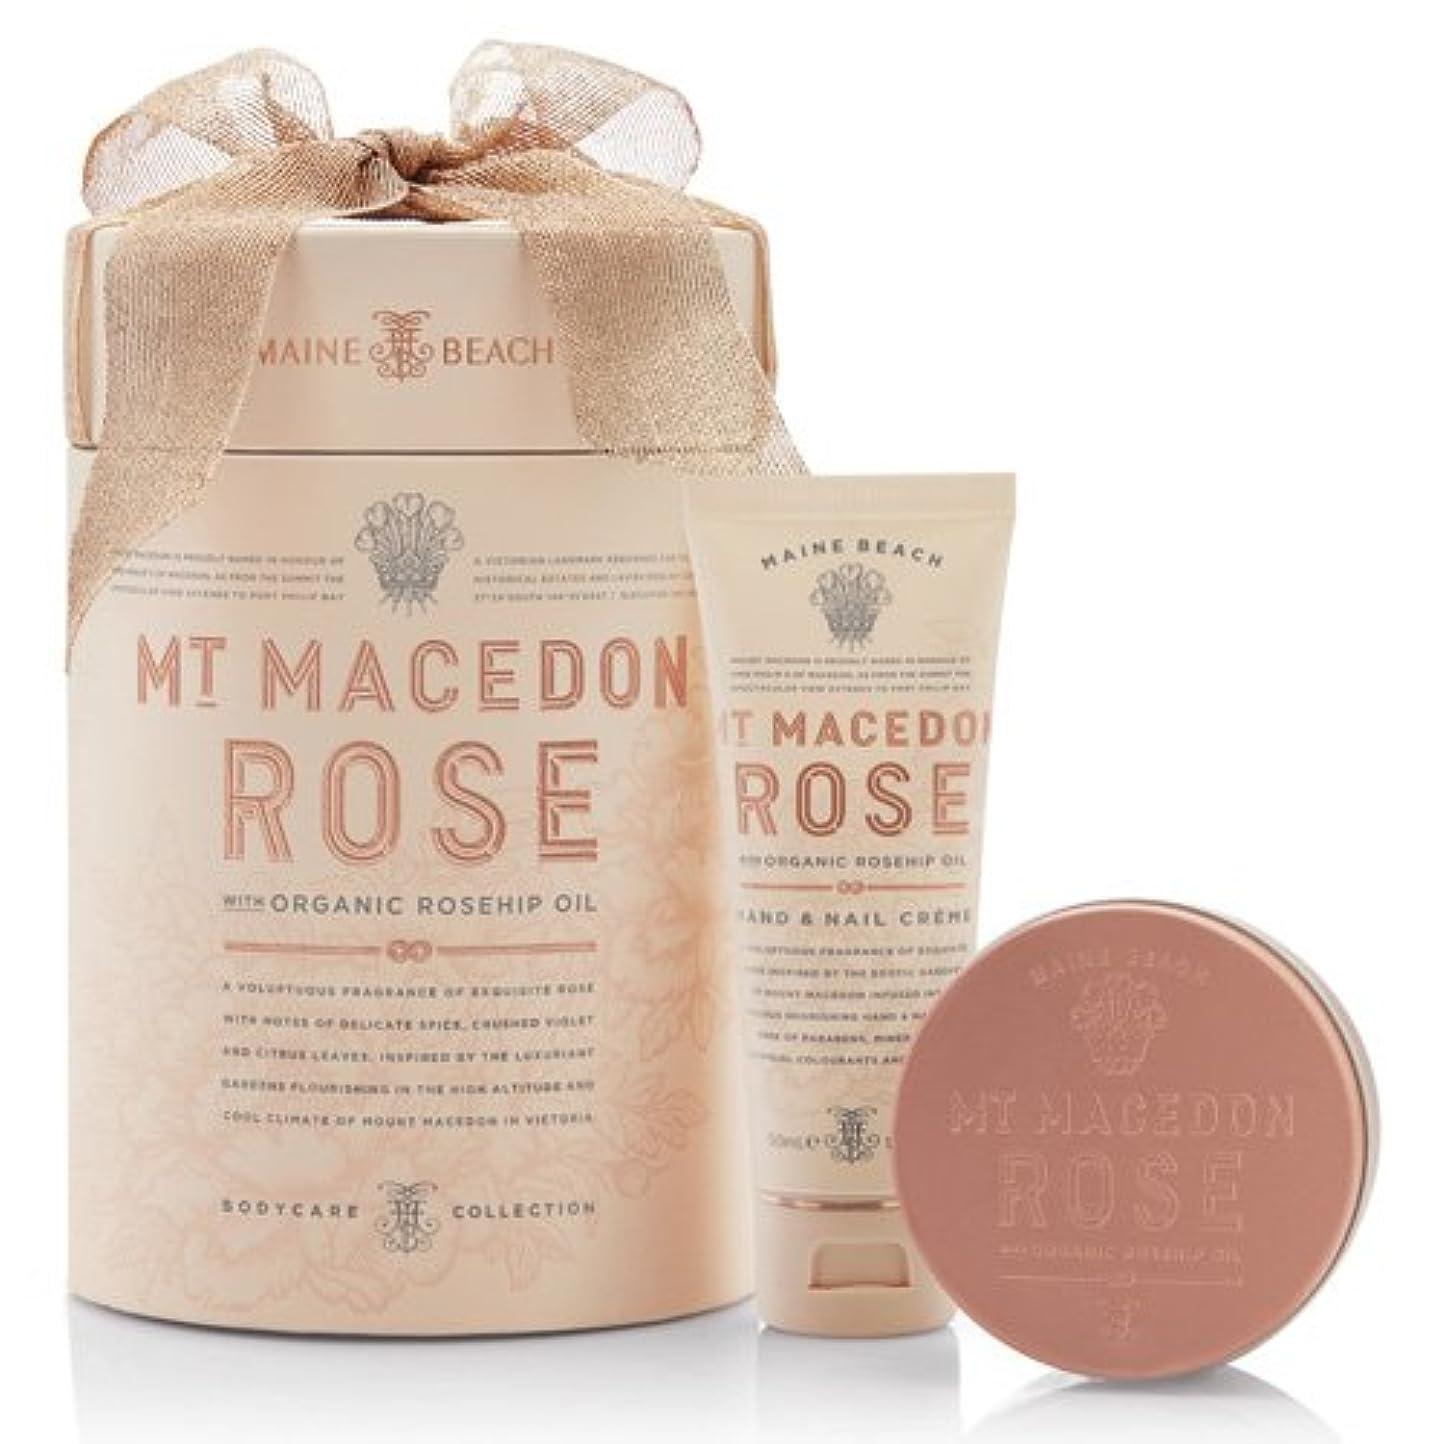 マーガレットミッチェル口径MAINE BEACH マインビーチ MT MACEDON ROSE マウント マセドン ローズ Duo Gift Pack